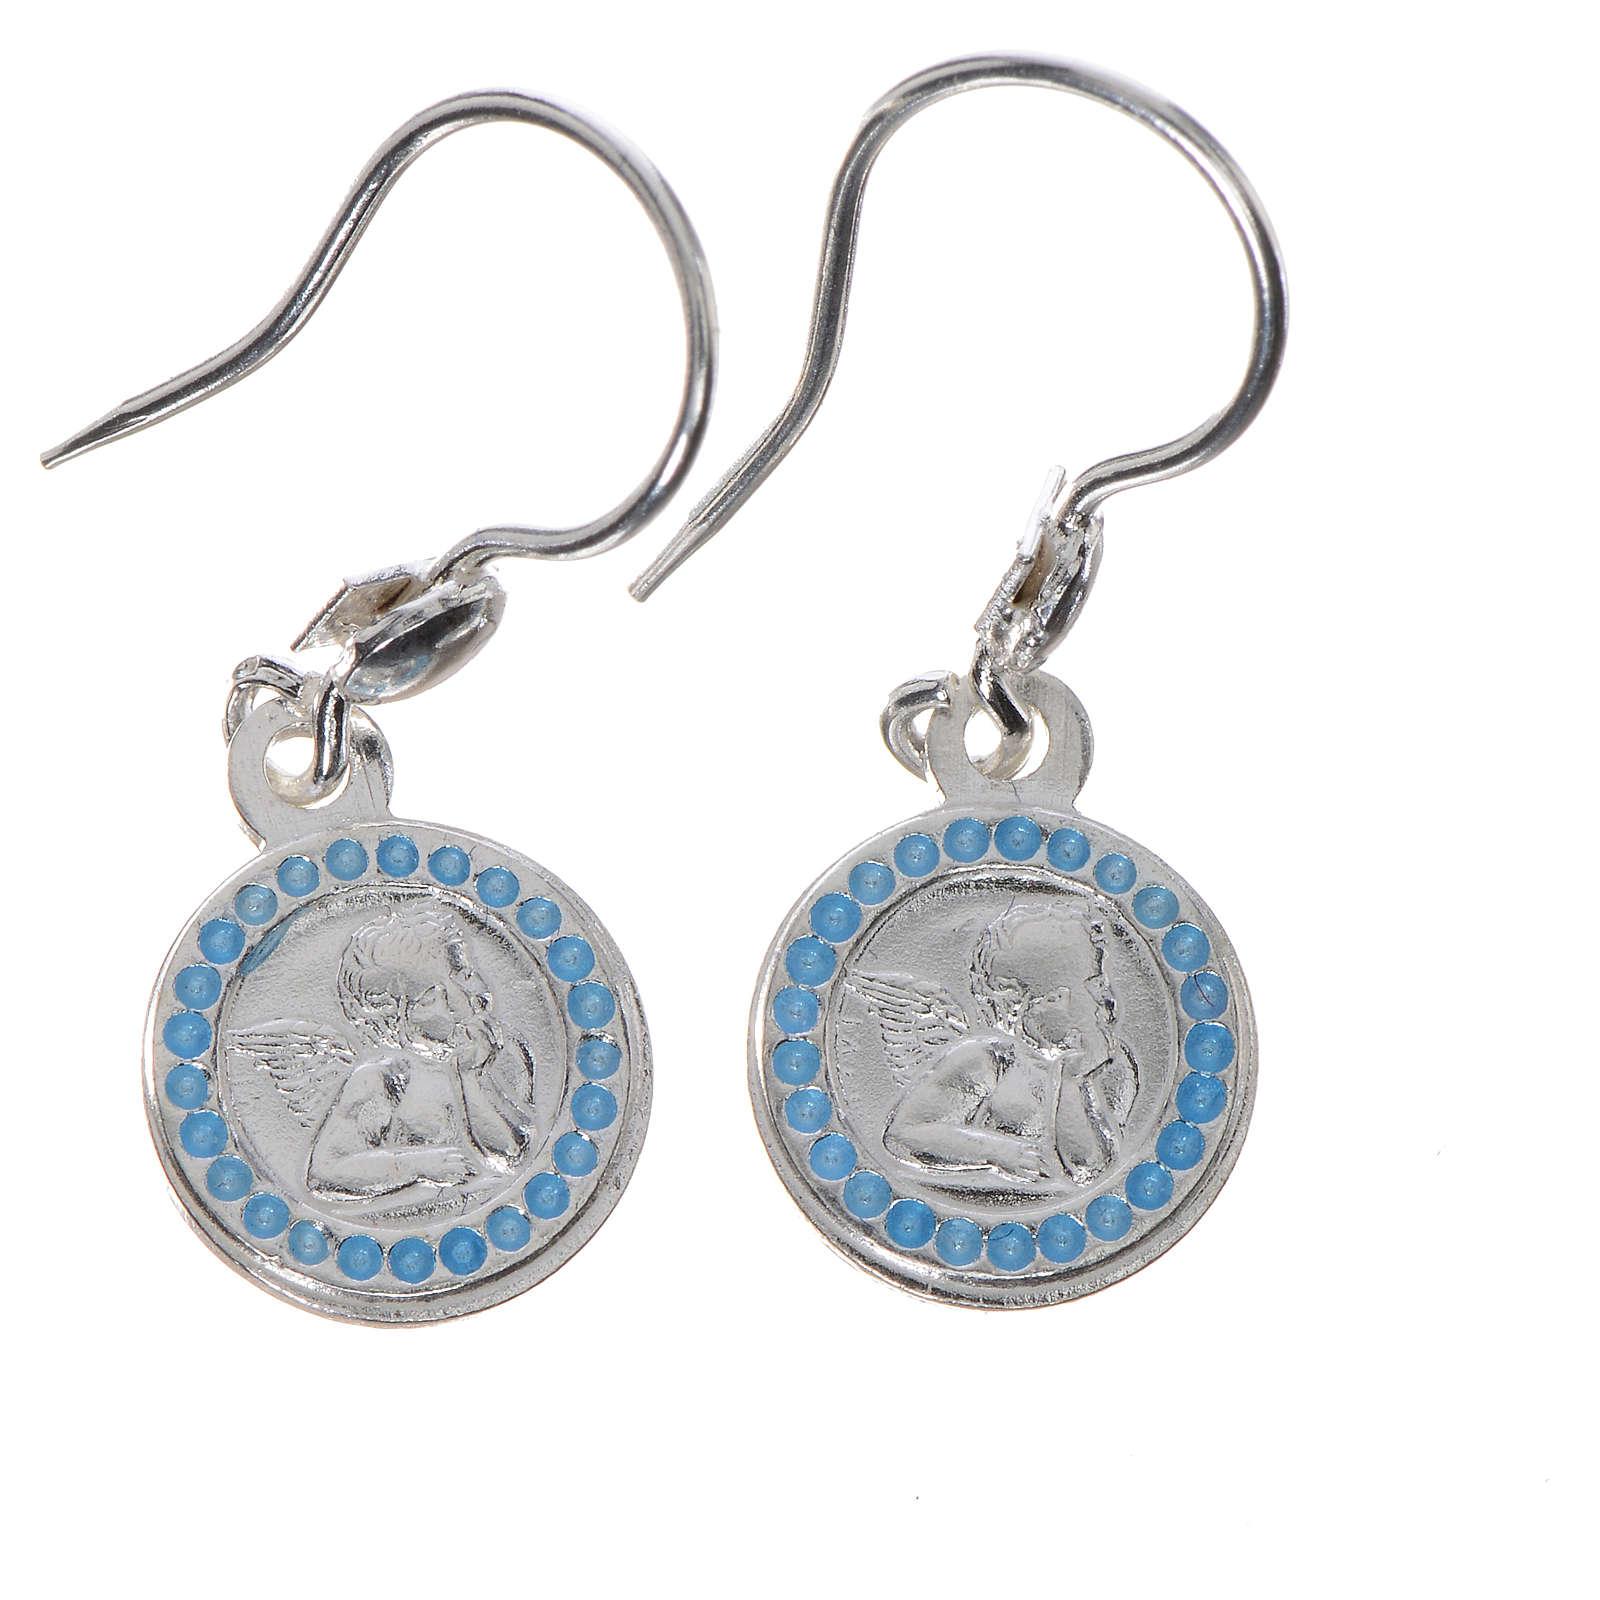 Boucles d'oreilles Ange gardien argent 800 fin. bleu clair 4